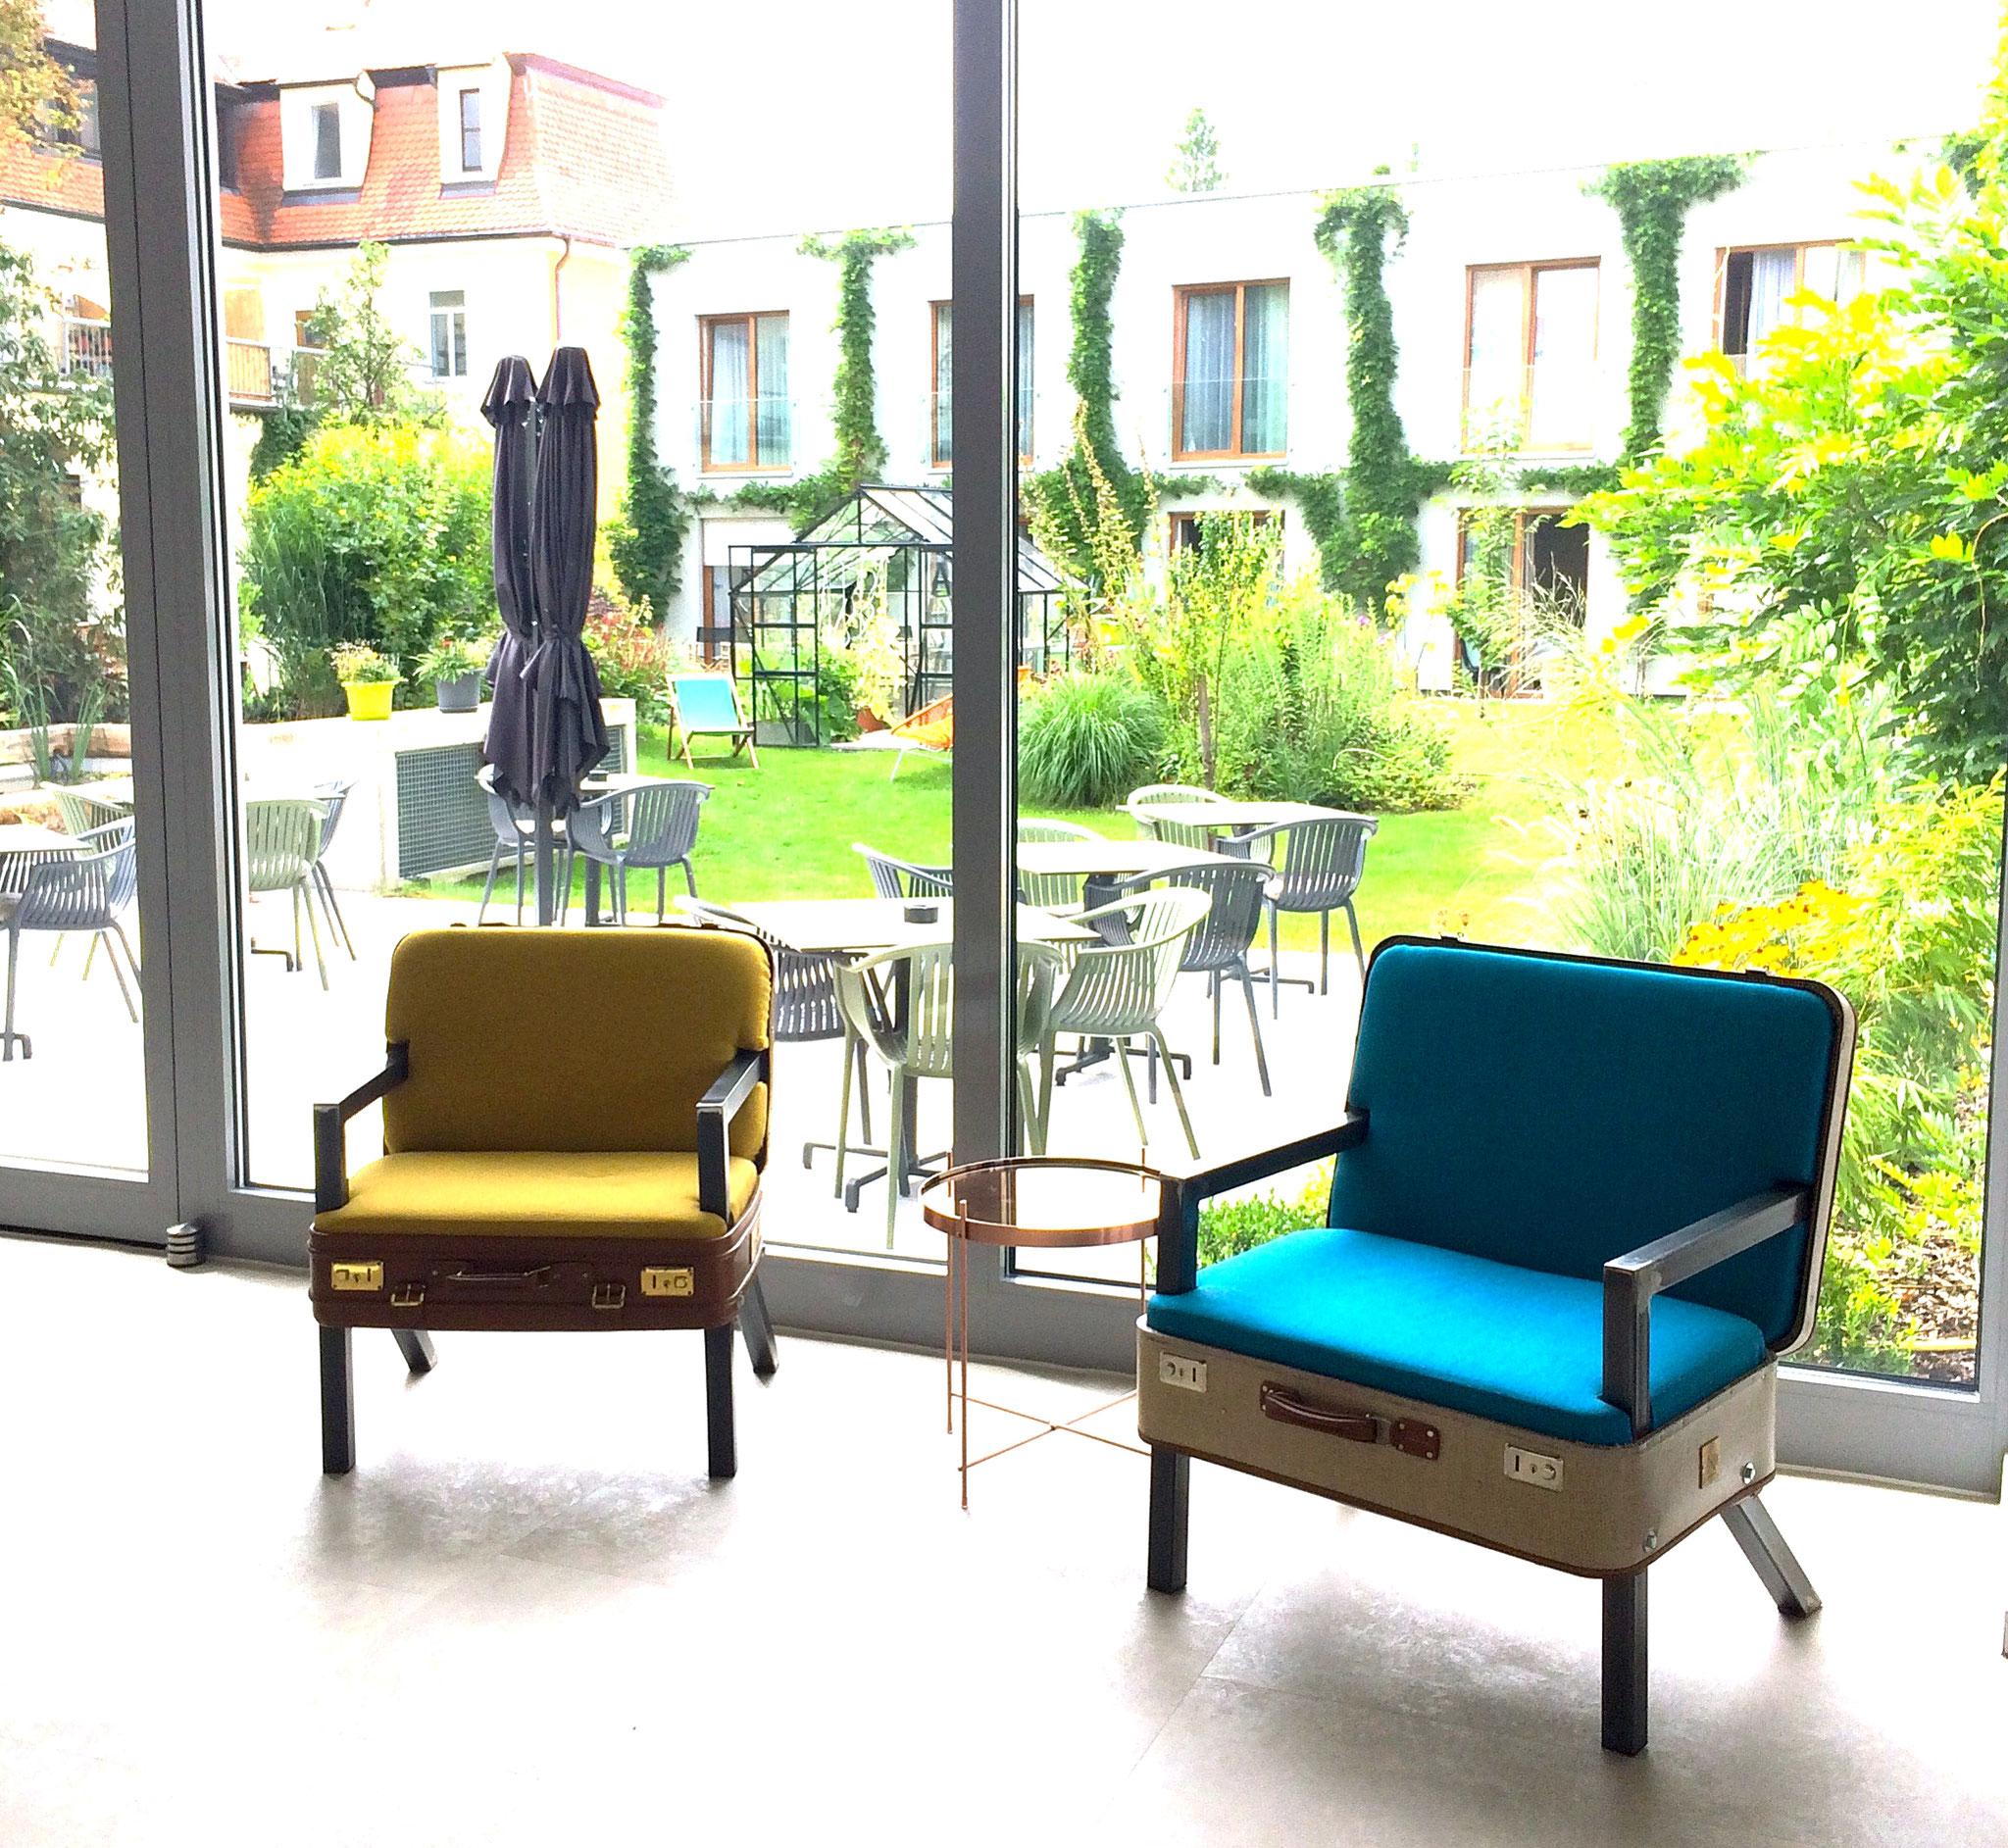 Koffersessel #nr13 und #nr10 - Green Spirit Hotel - Regensburg